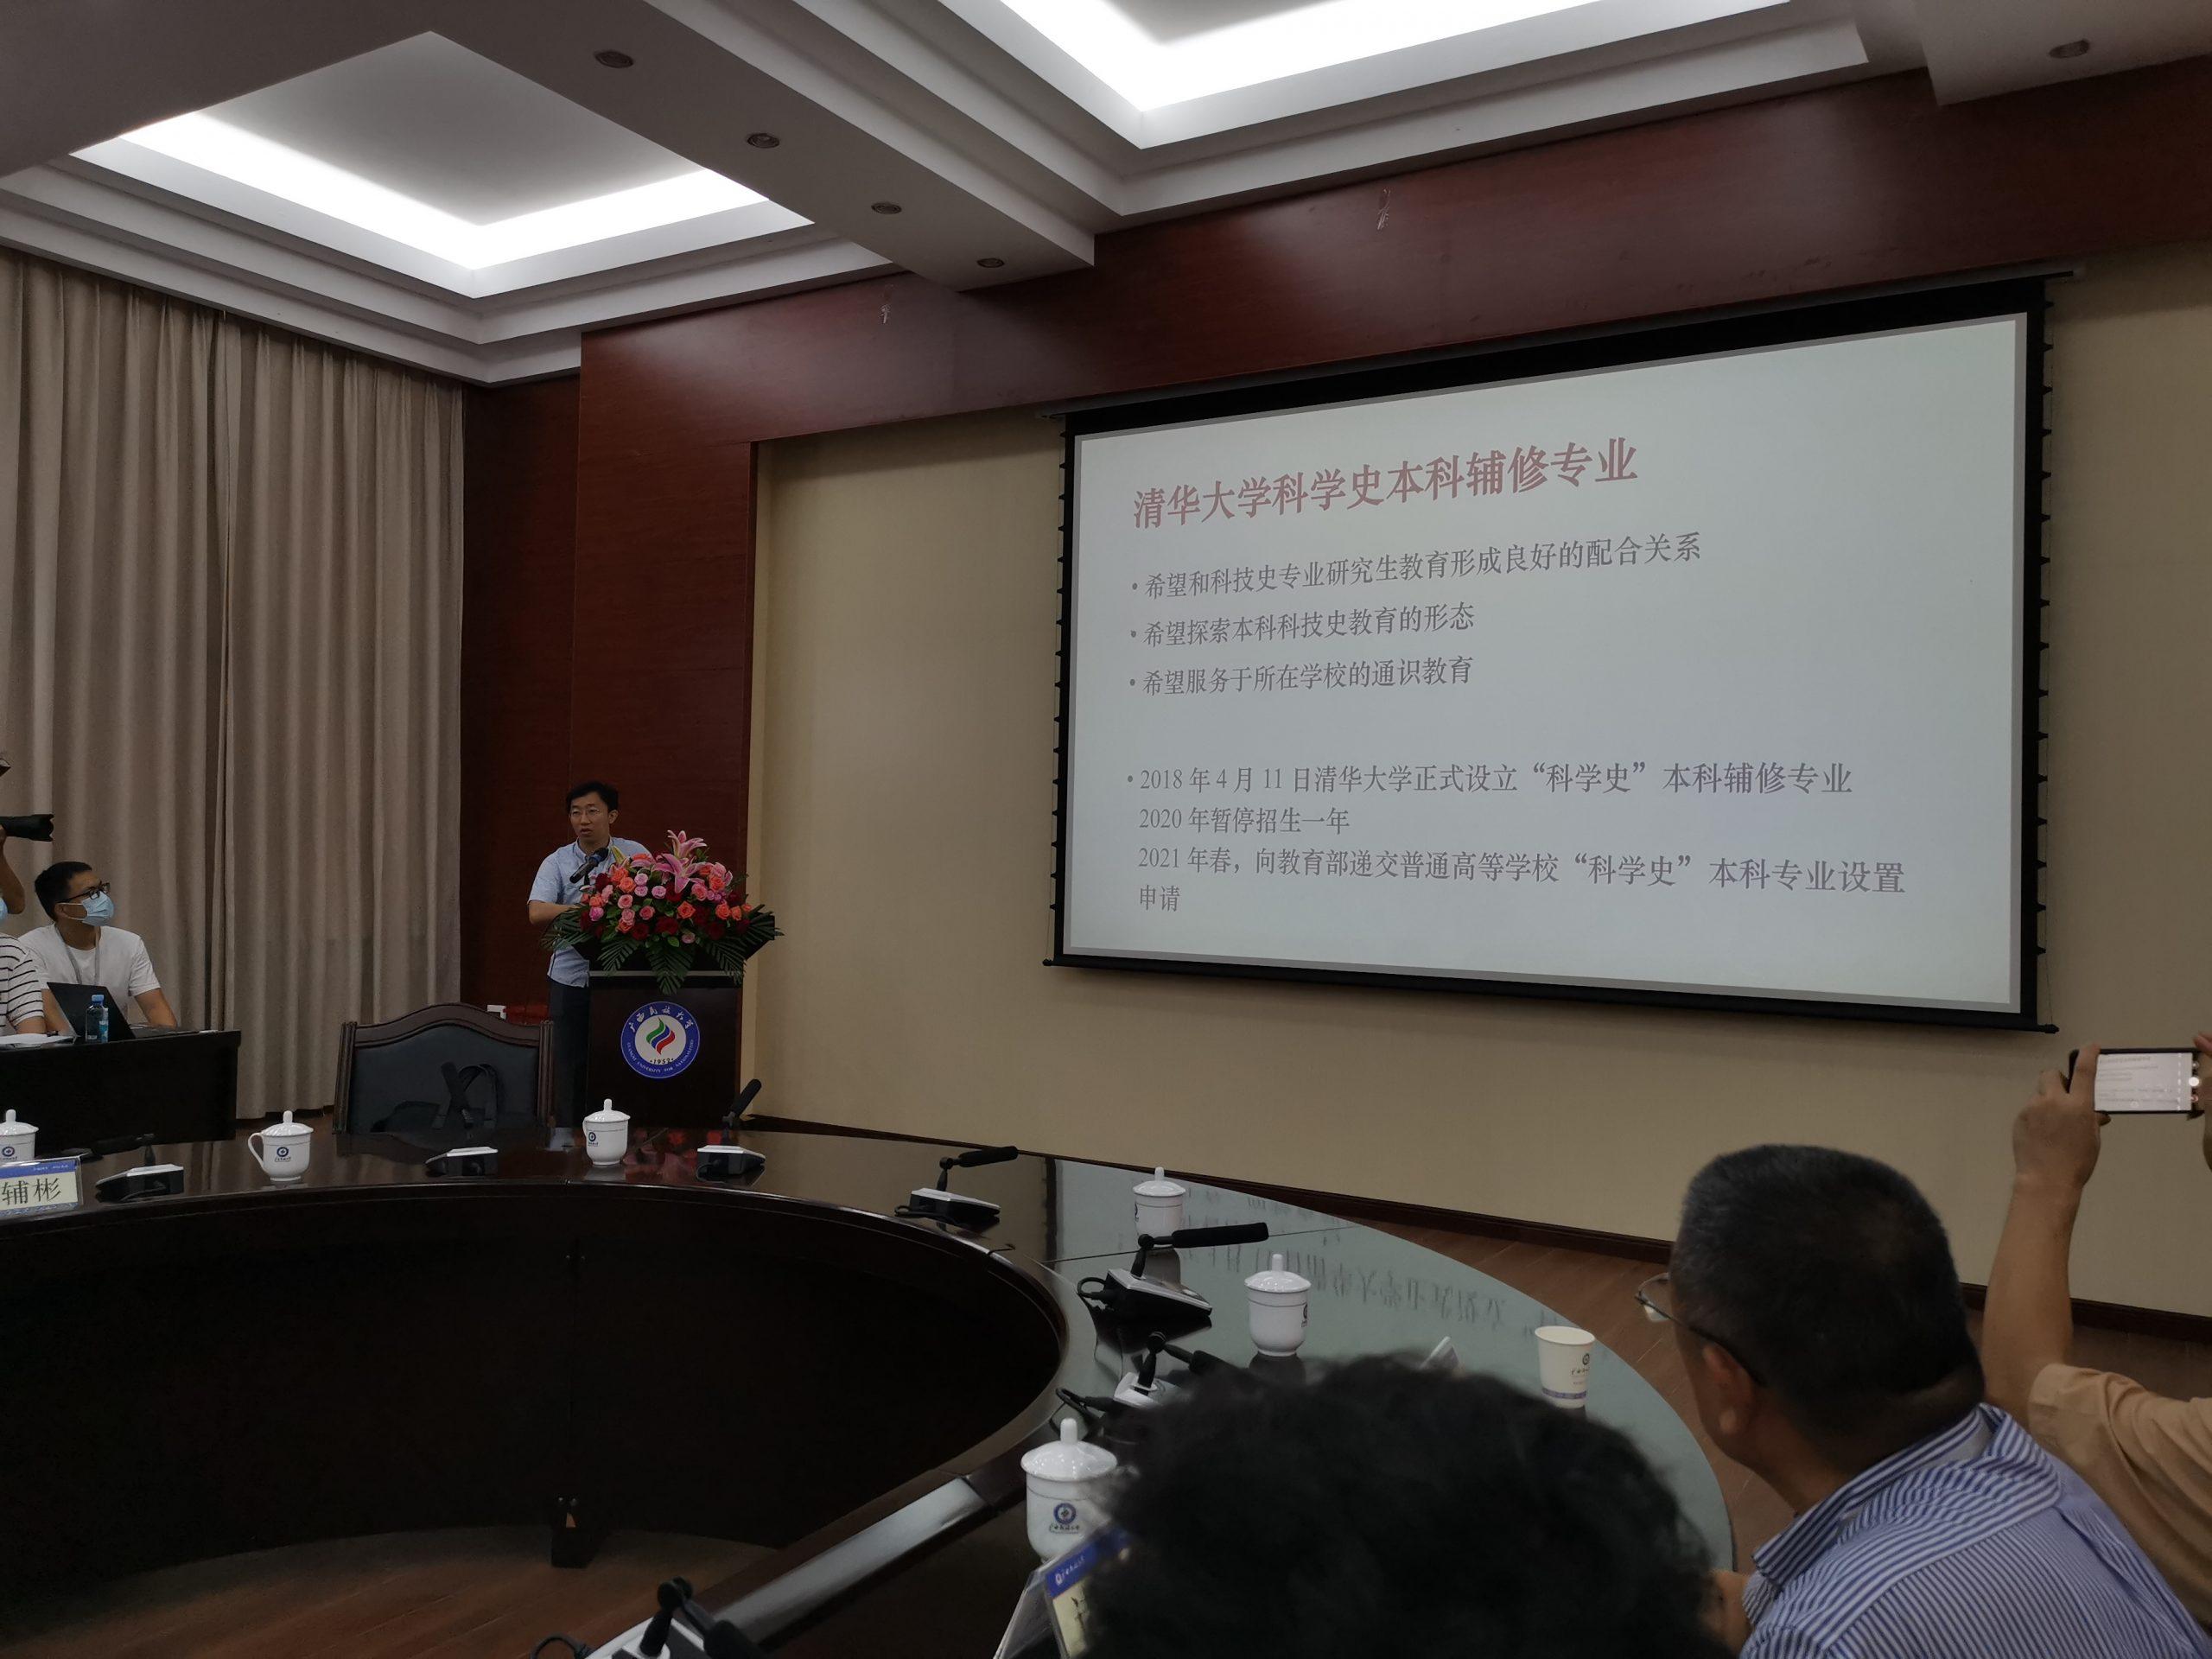 我系教师参加第三届全国科技史学科点联席会议